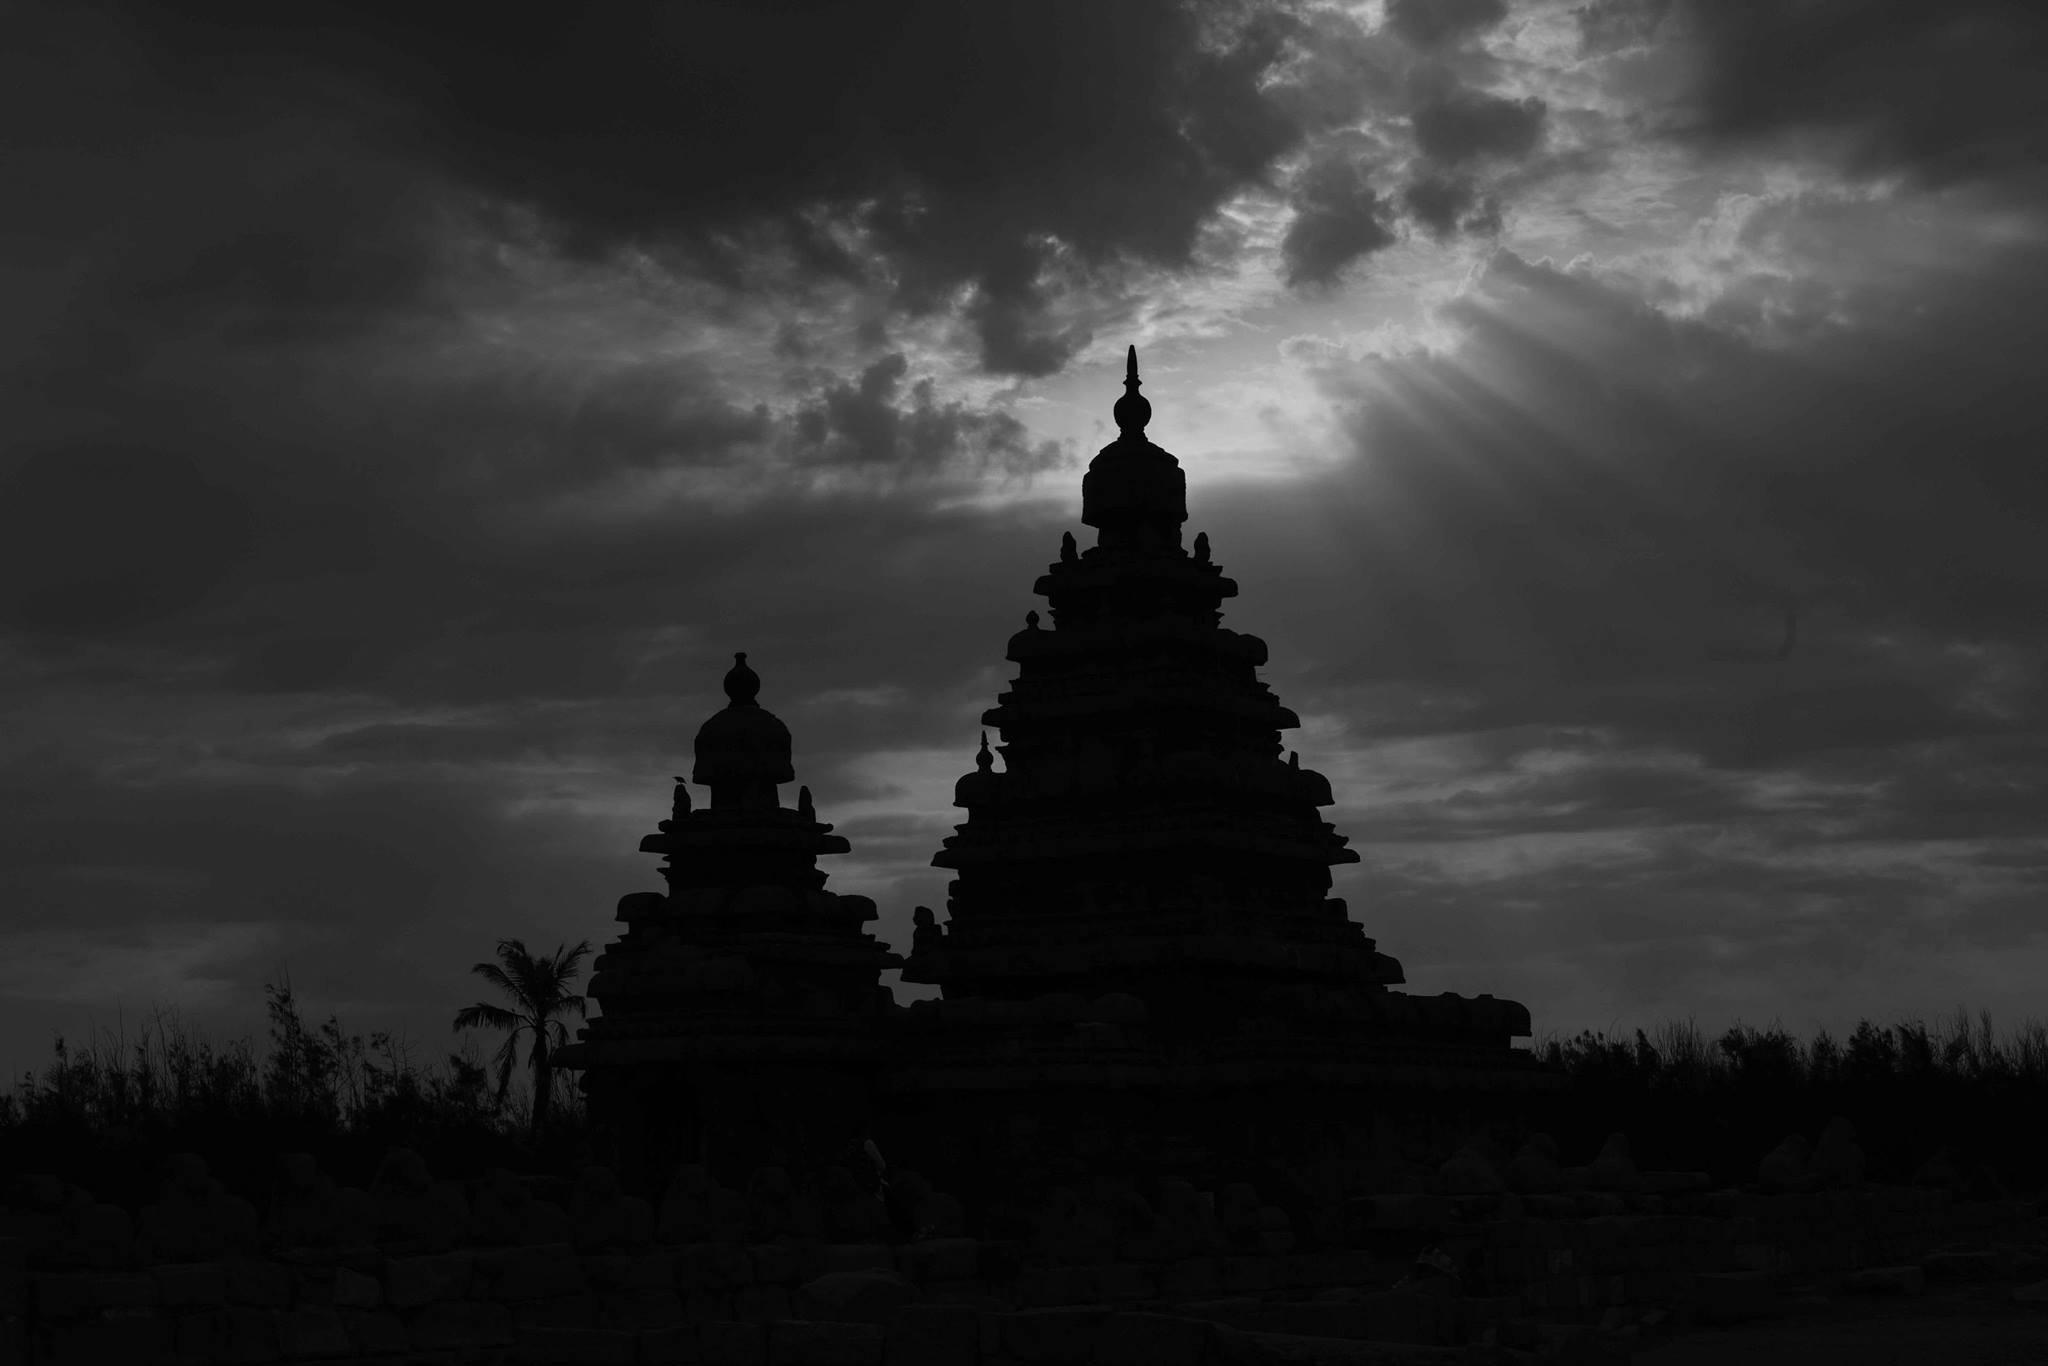 Mahabalipuram Shore Temple, India